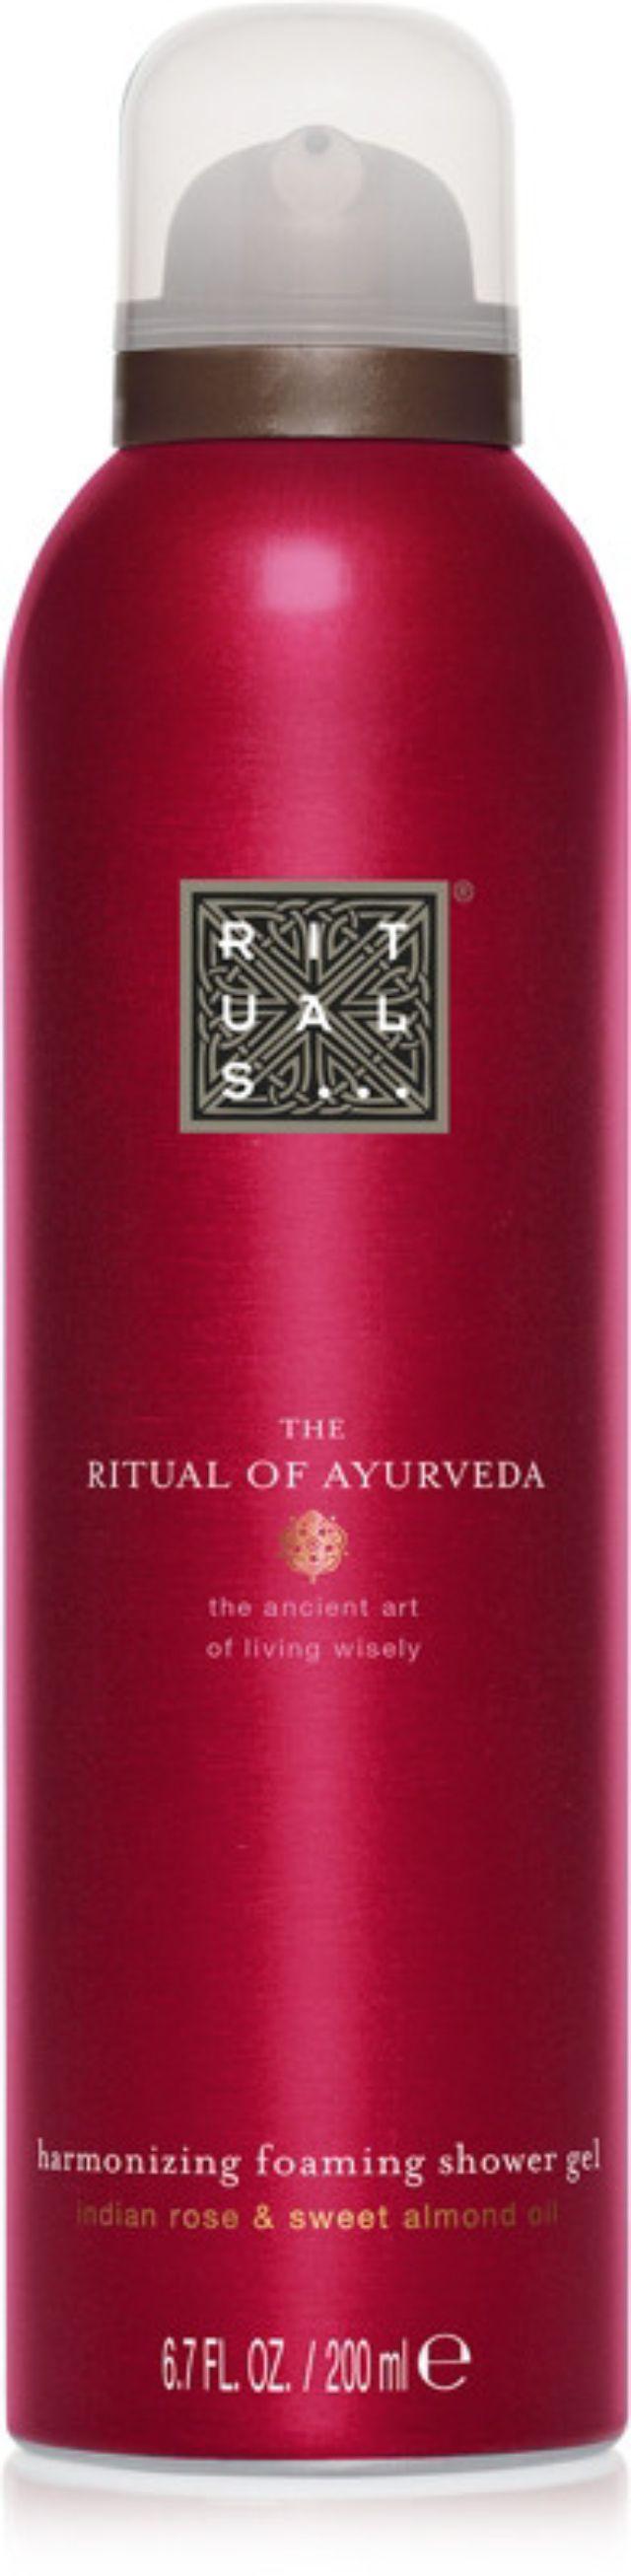 Rituals The Ritual of Ayurveda Foaming Shower Gel